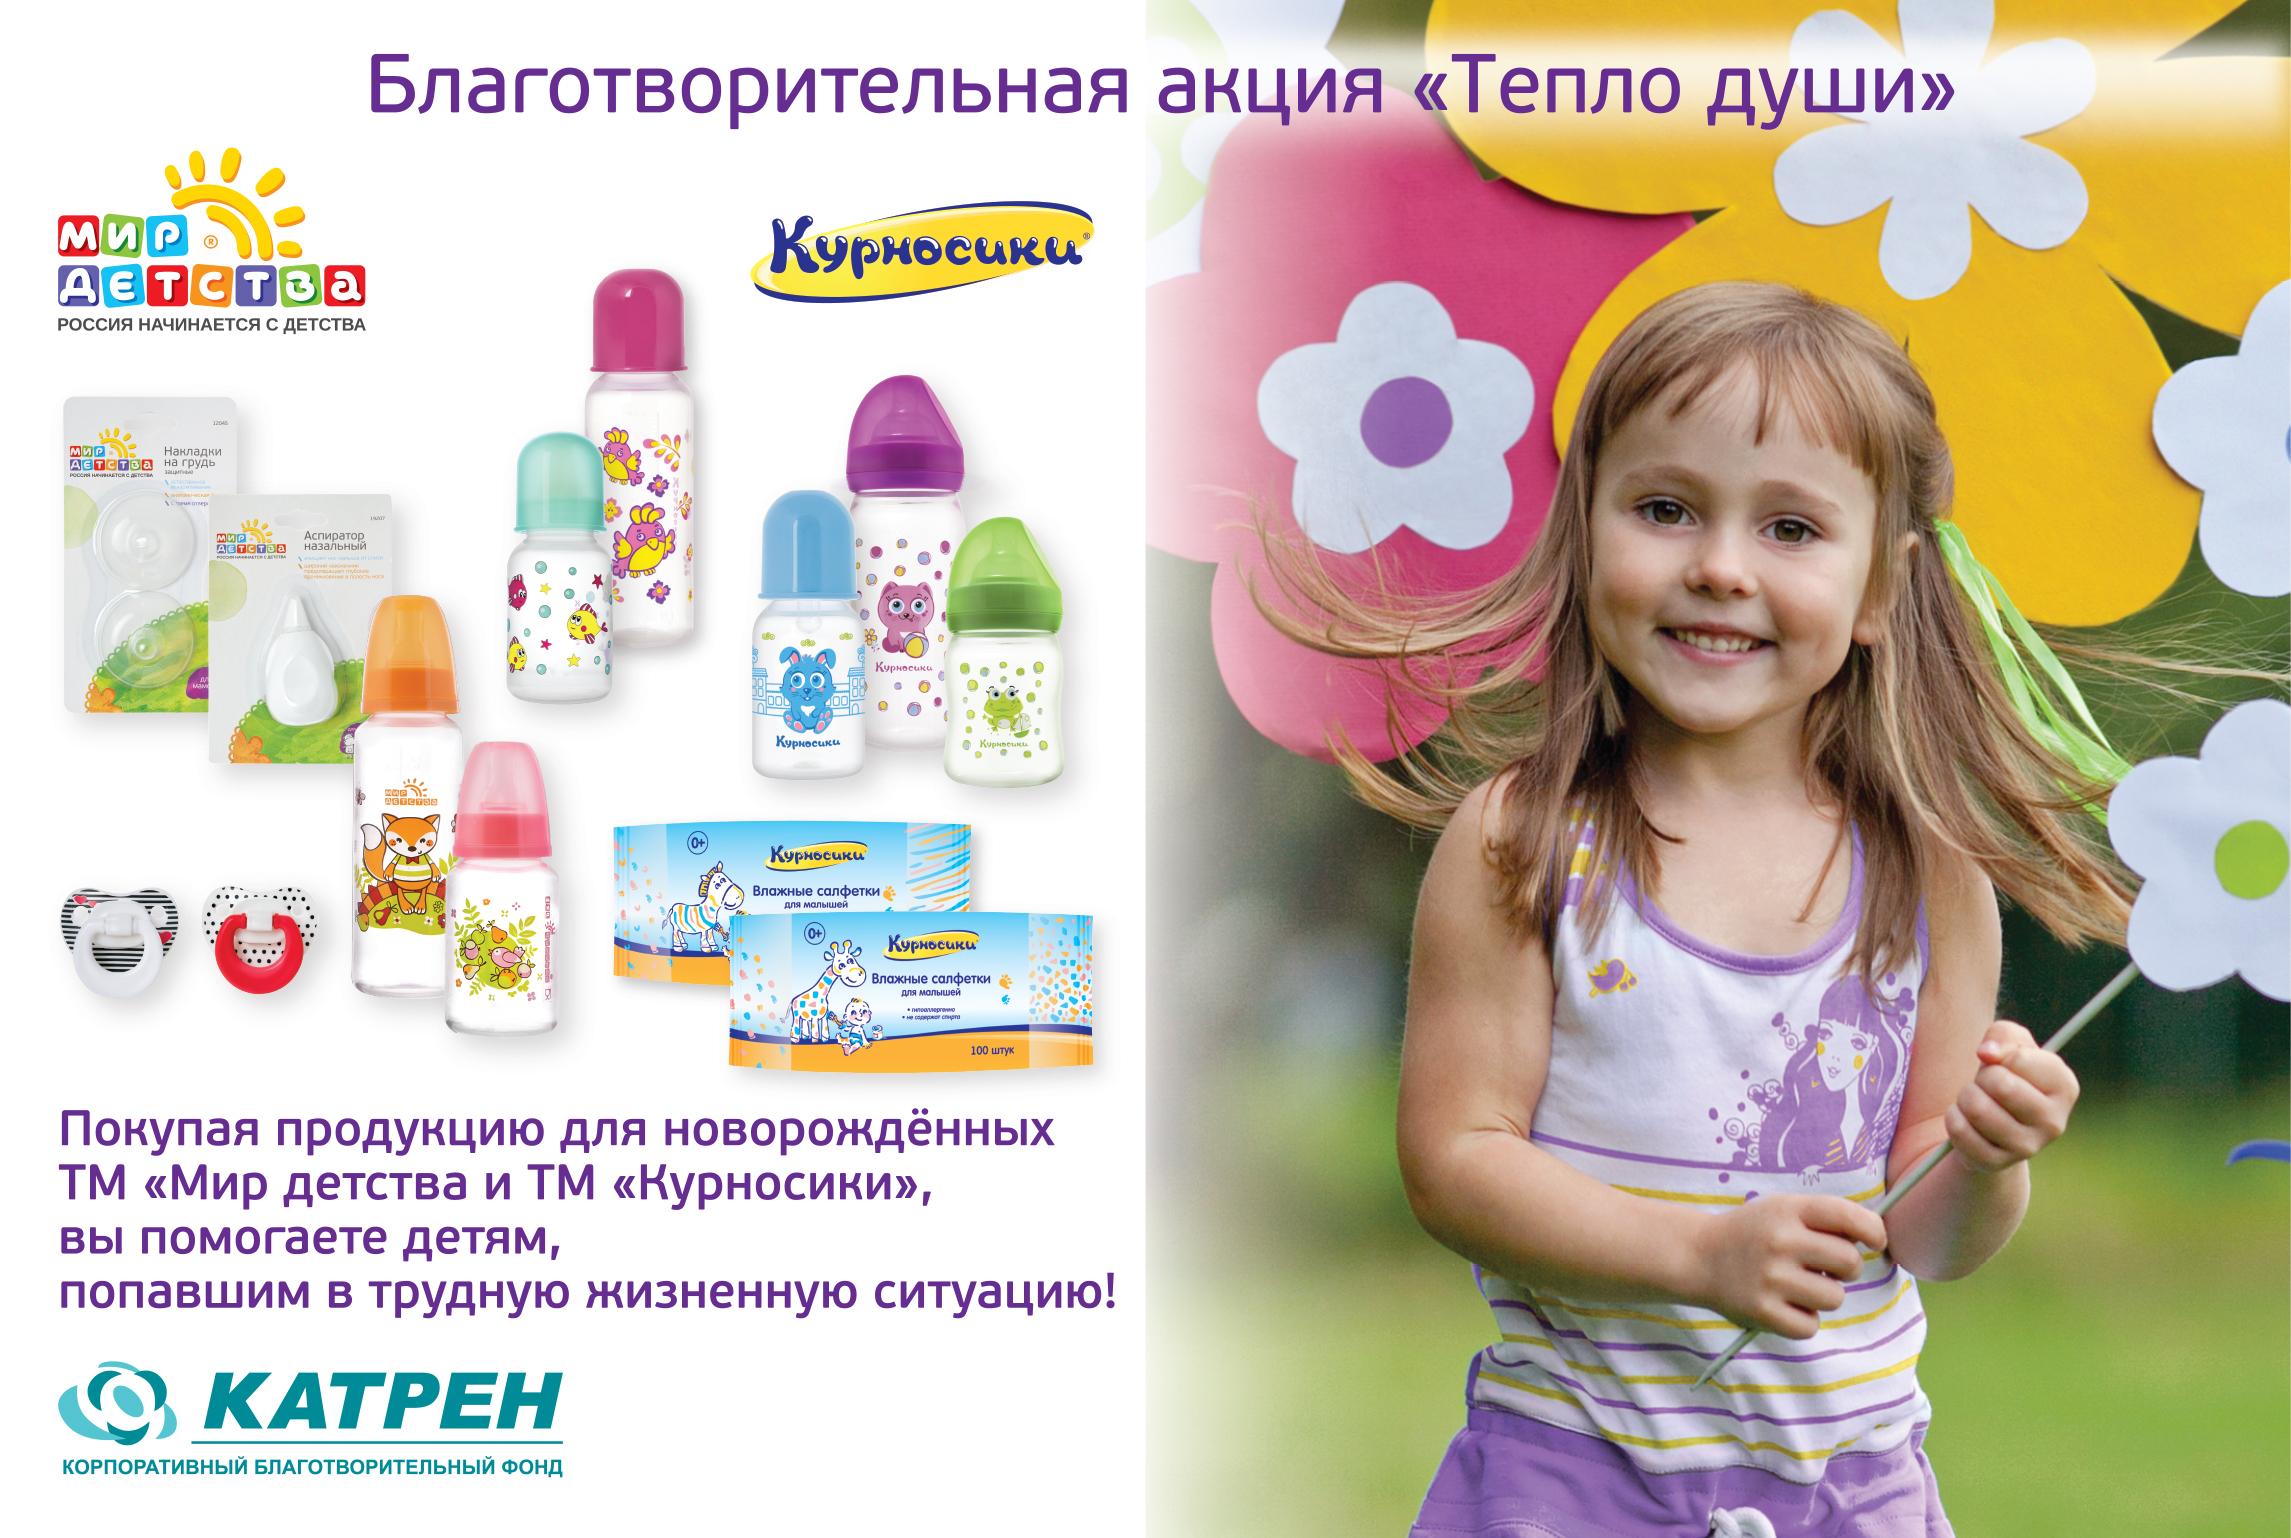 """1 рубль с каждой приобретения в аптеках предметов """" Мир детства """" и """" Курносики """" направлен на благотворительность"""